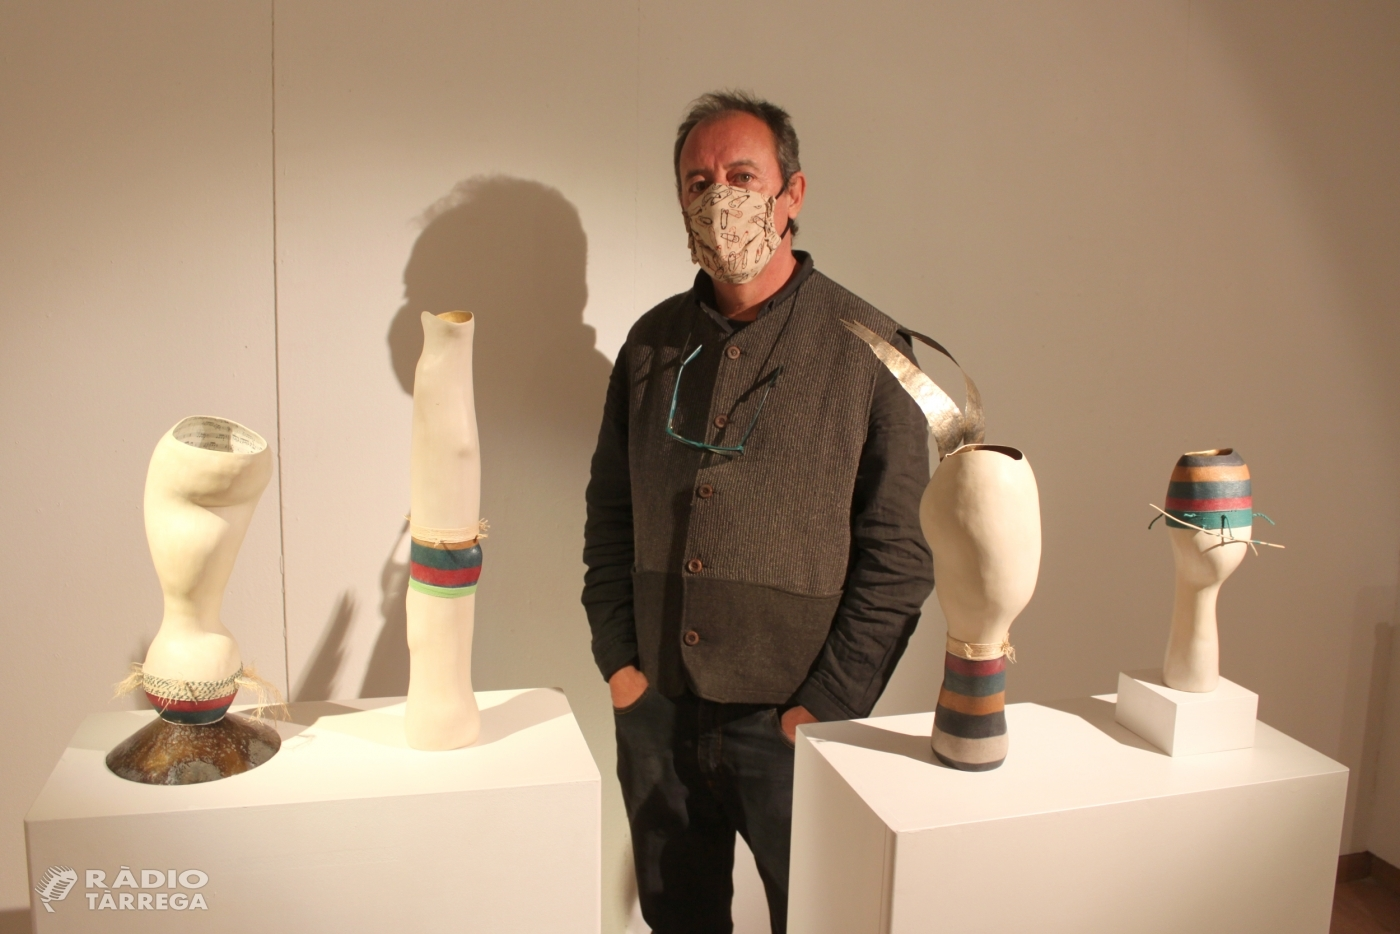 L'artista Jose Davila, establert a Guimerà, exposa les seves escultures de ceràmica a la Sala Marsà de Tàrrega